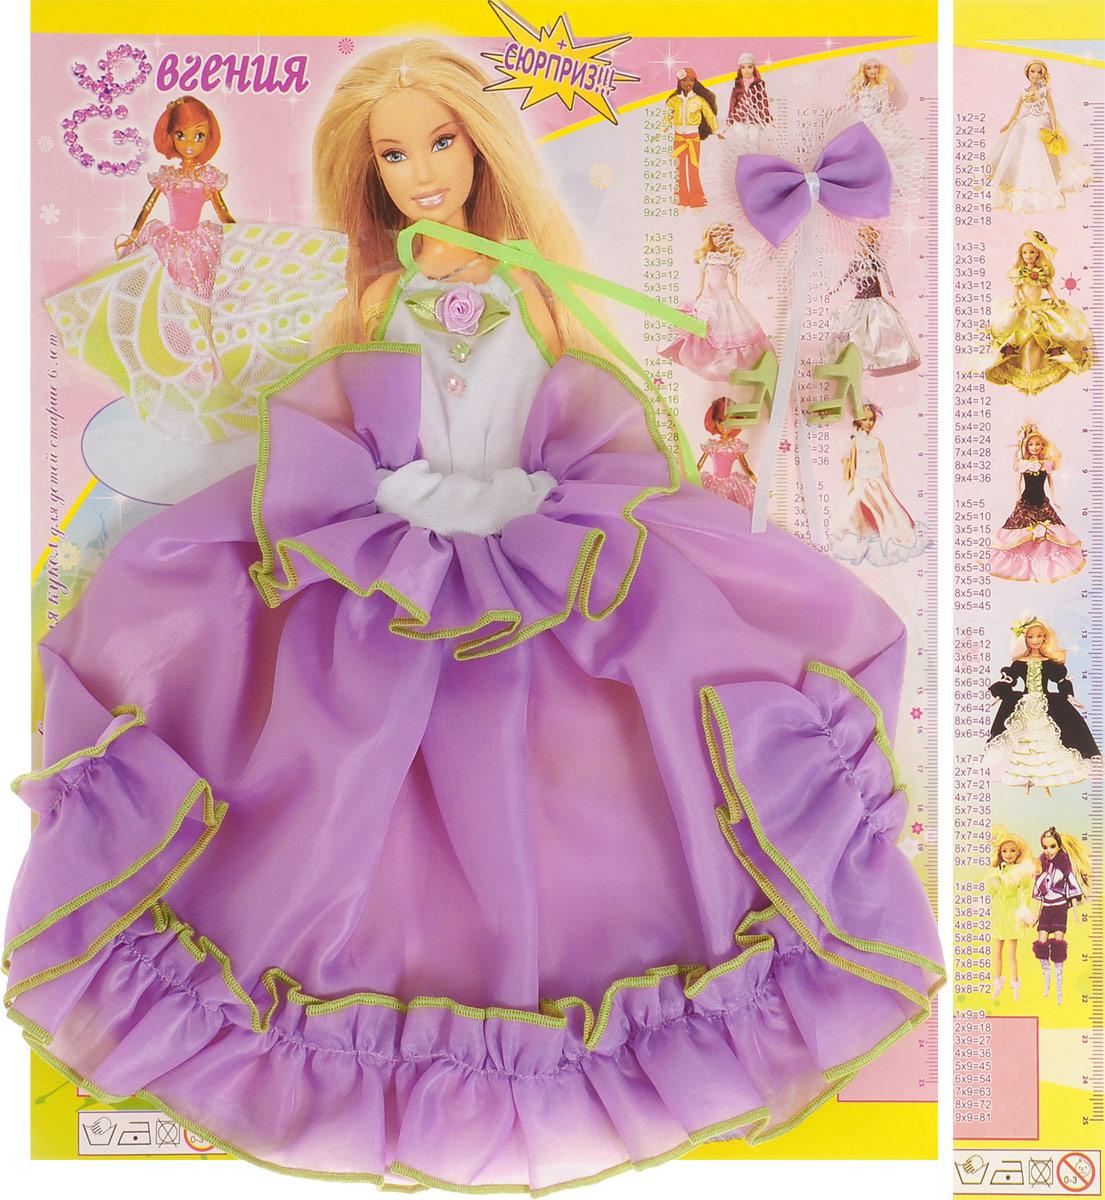 Евгения-Брест Одежда для кукол Платье цвет сиреневый белый салатовый